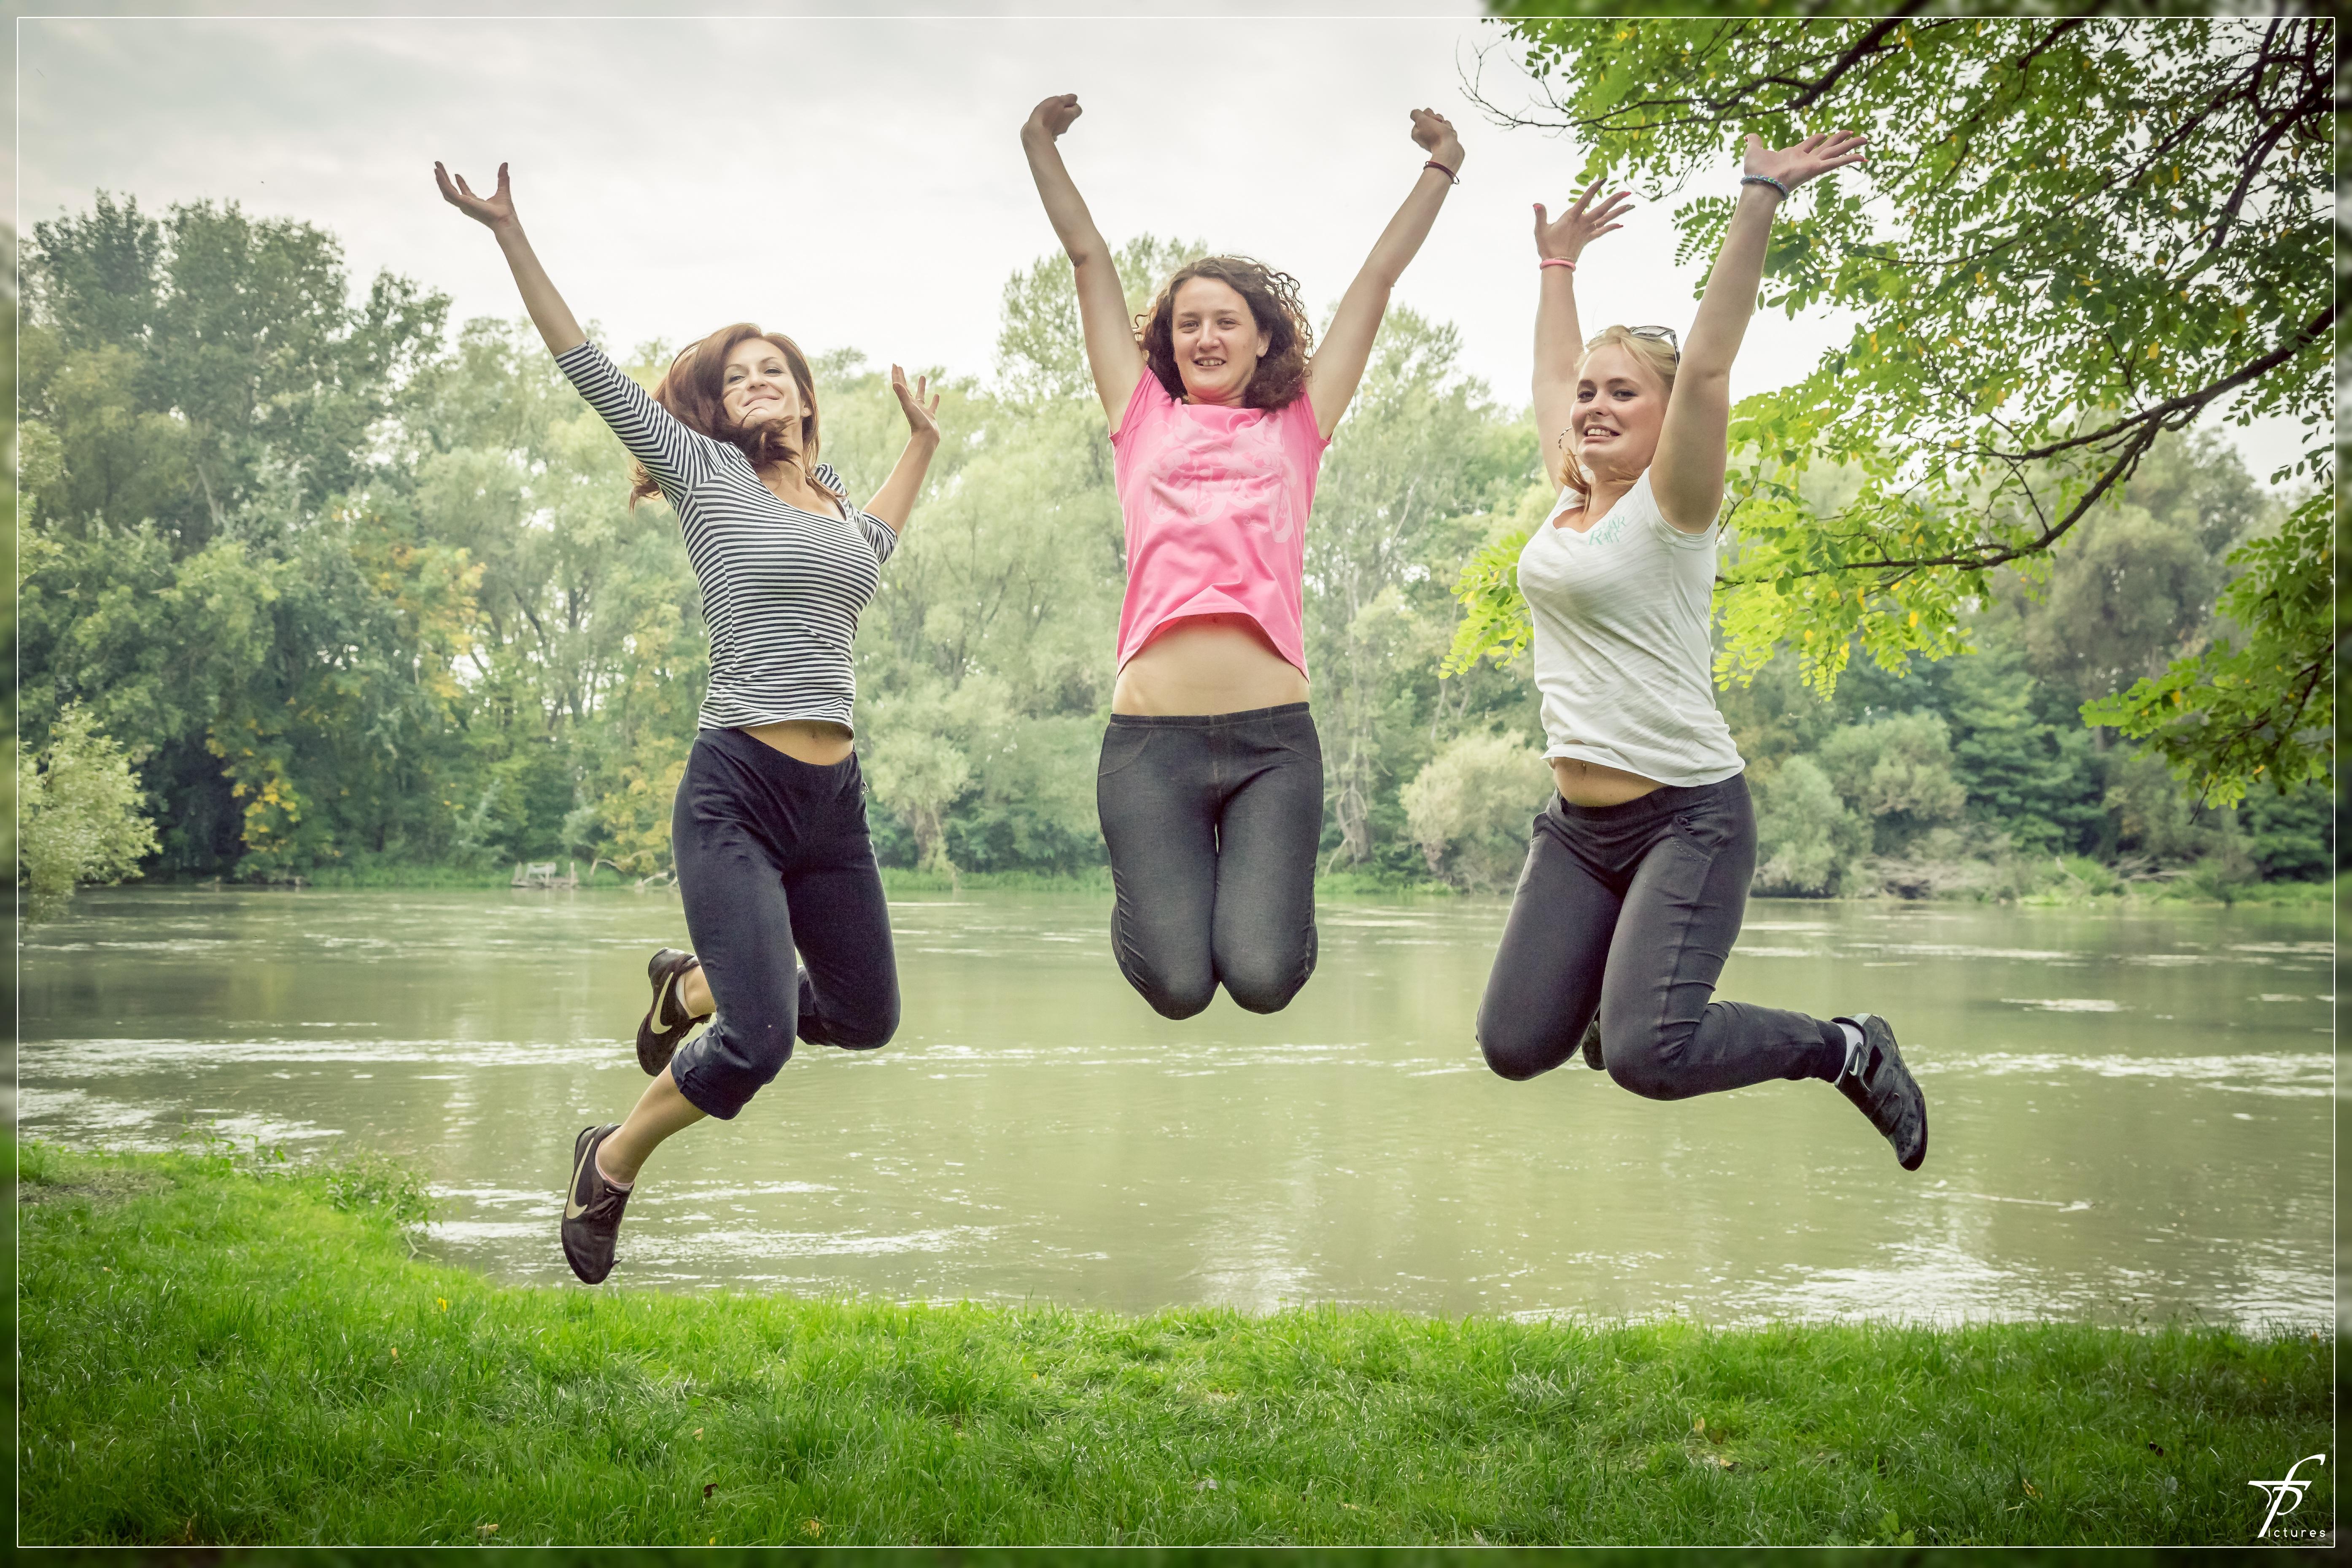 там мисайловском как сфотографировать человека при прыжке одной